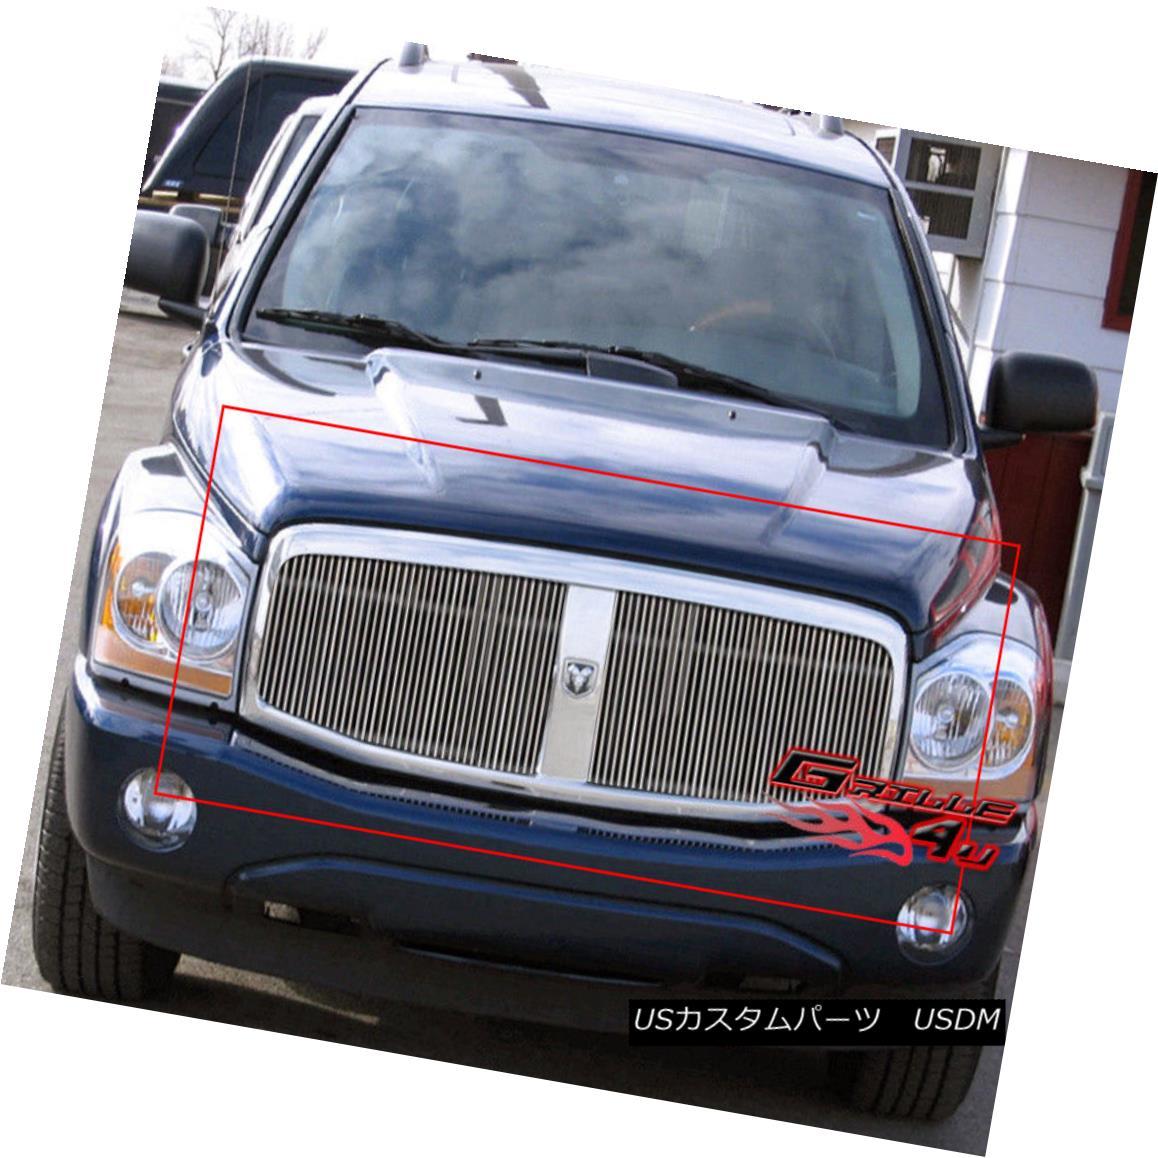 グリル Fits 2004-2006 Dodge Durango Billet Grille Insert 2004-2006 Dodge Durango Billet Grille Insertに適合